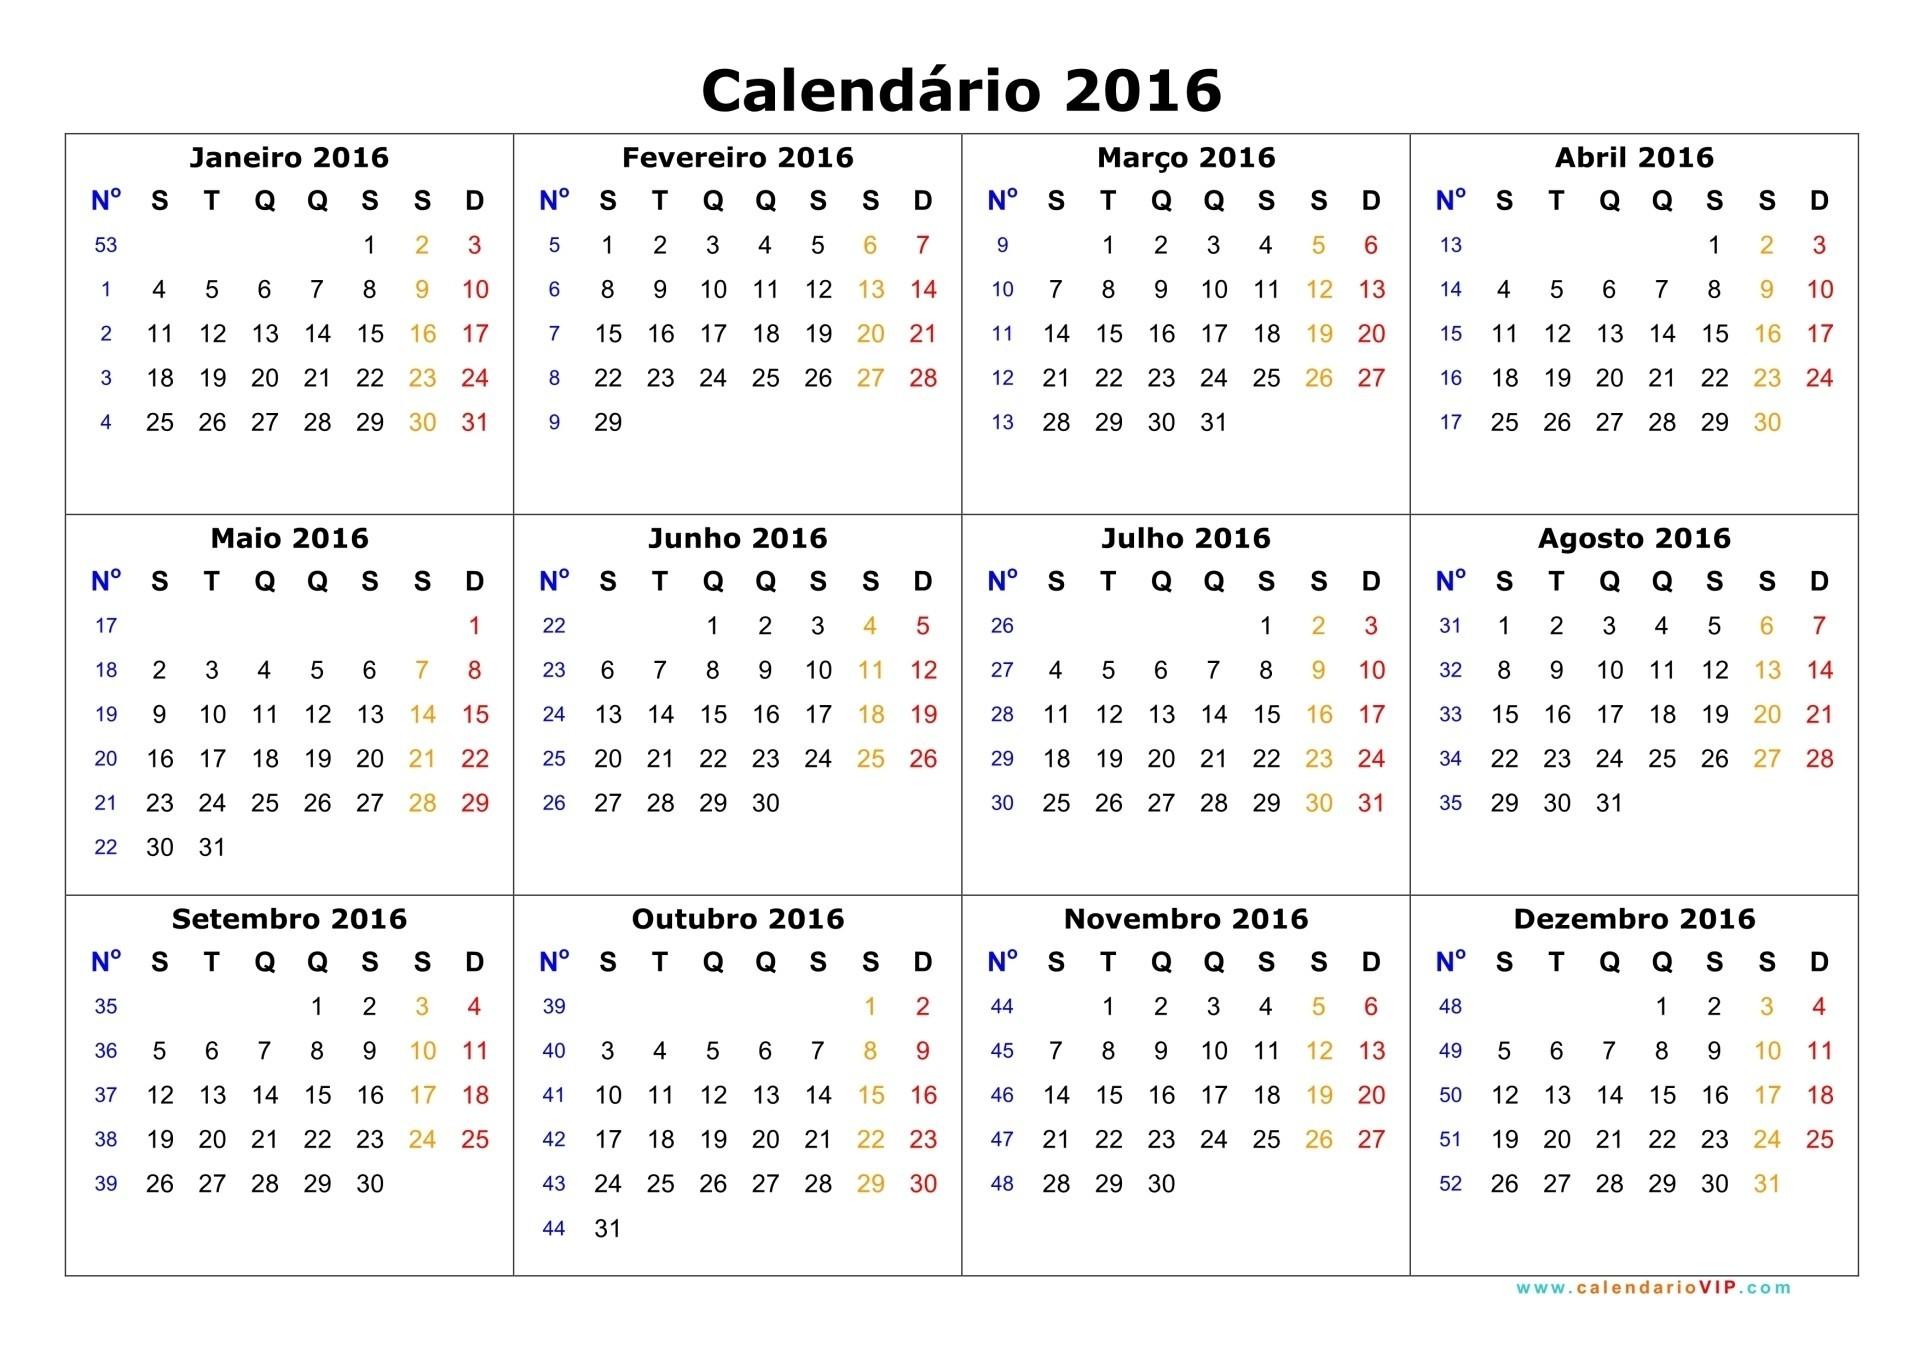 Calendarios 2016 02 Calendarios 2016 para imprimir